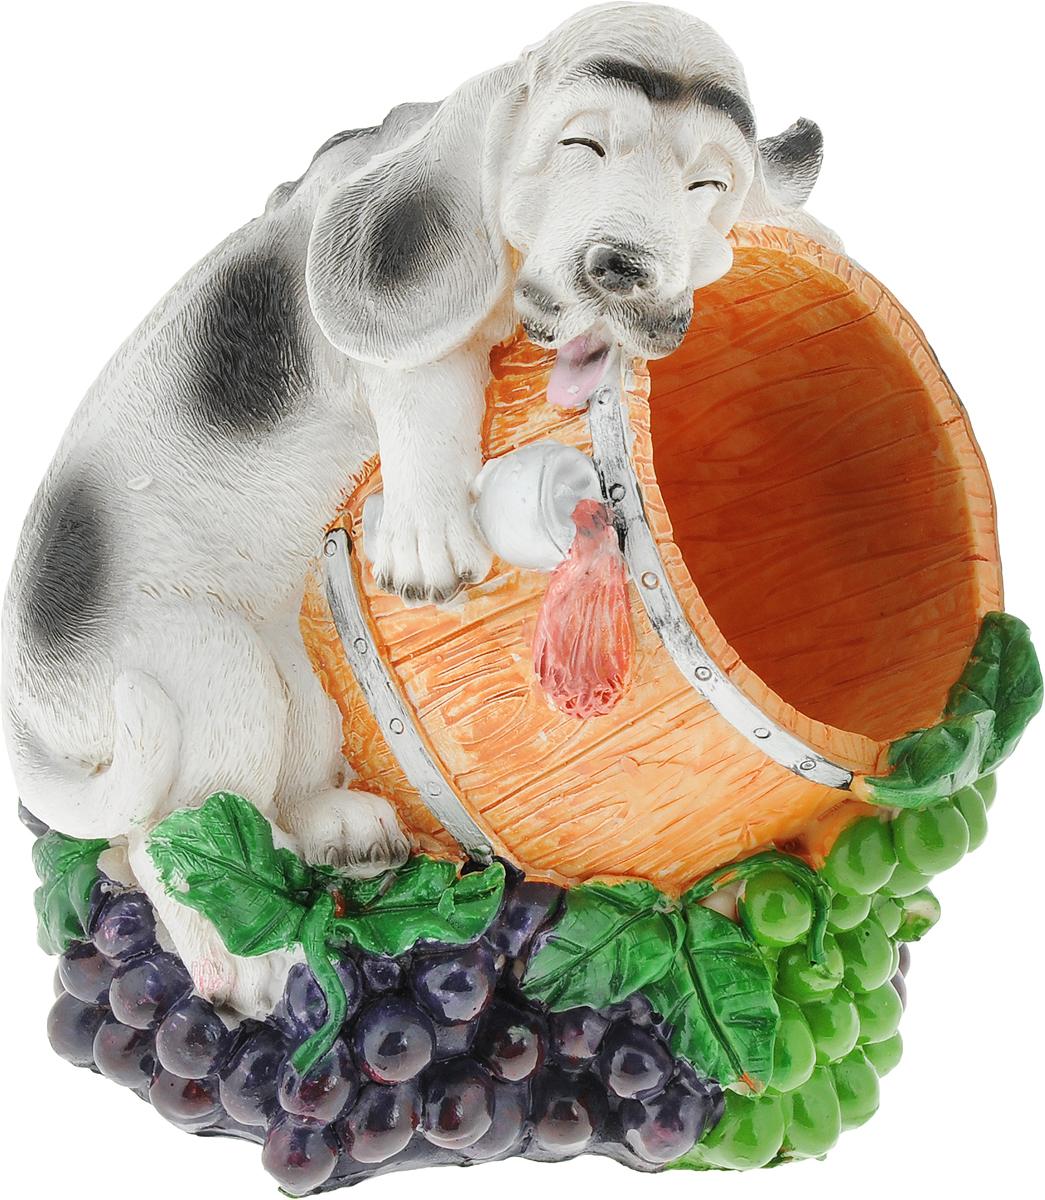 Подставка для вина Drivemotion Пьяный серый пес, 18 х 16 х 15 смwh_23Подставка для вина Drivemotion Пьяный серый пес, выполненная из высококачественного полистоуна, порадует вас и ваших гостей своим великолепным дизайном и яркими красками. Поместите винную бутылку на эту красивую подставку, и гости не только надолго запомнят ваше мероприятие, но и будут рассказывать о нем другим. Эта замечательная подставка может стать великолепным штрихом к вашему празднику.